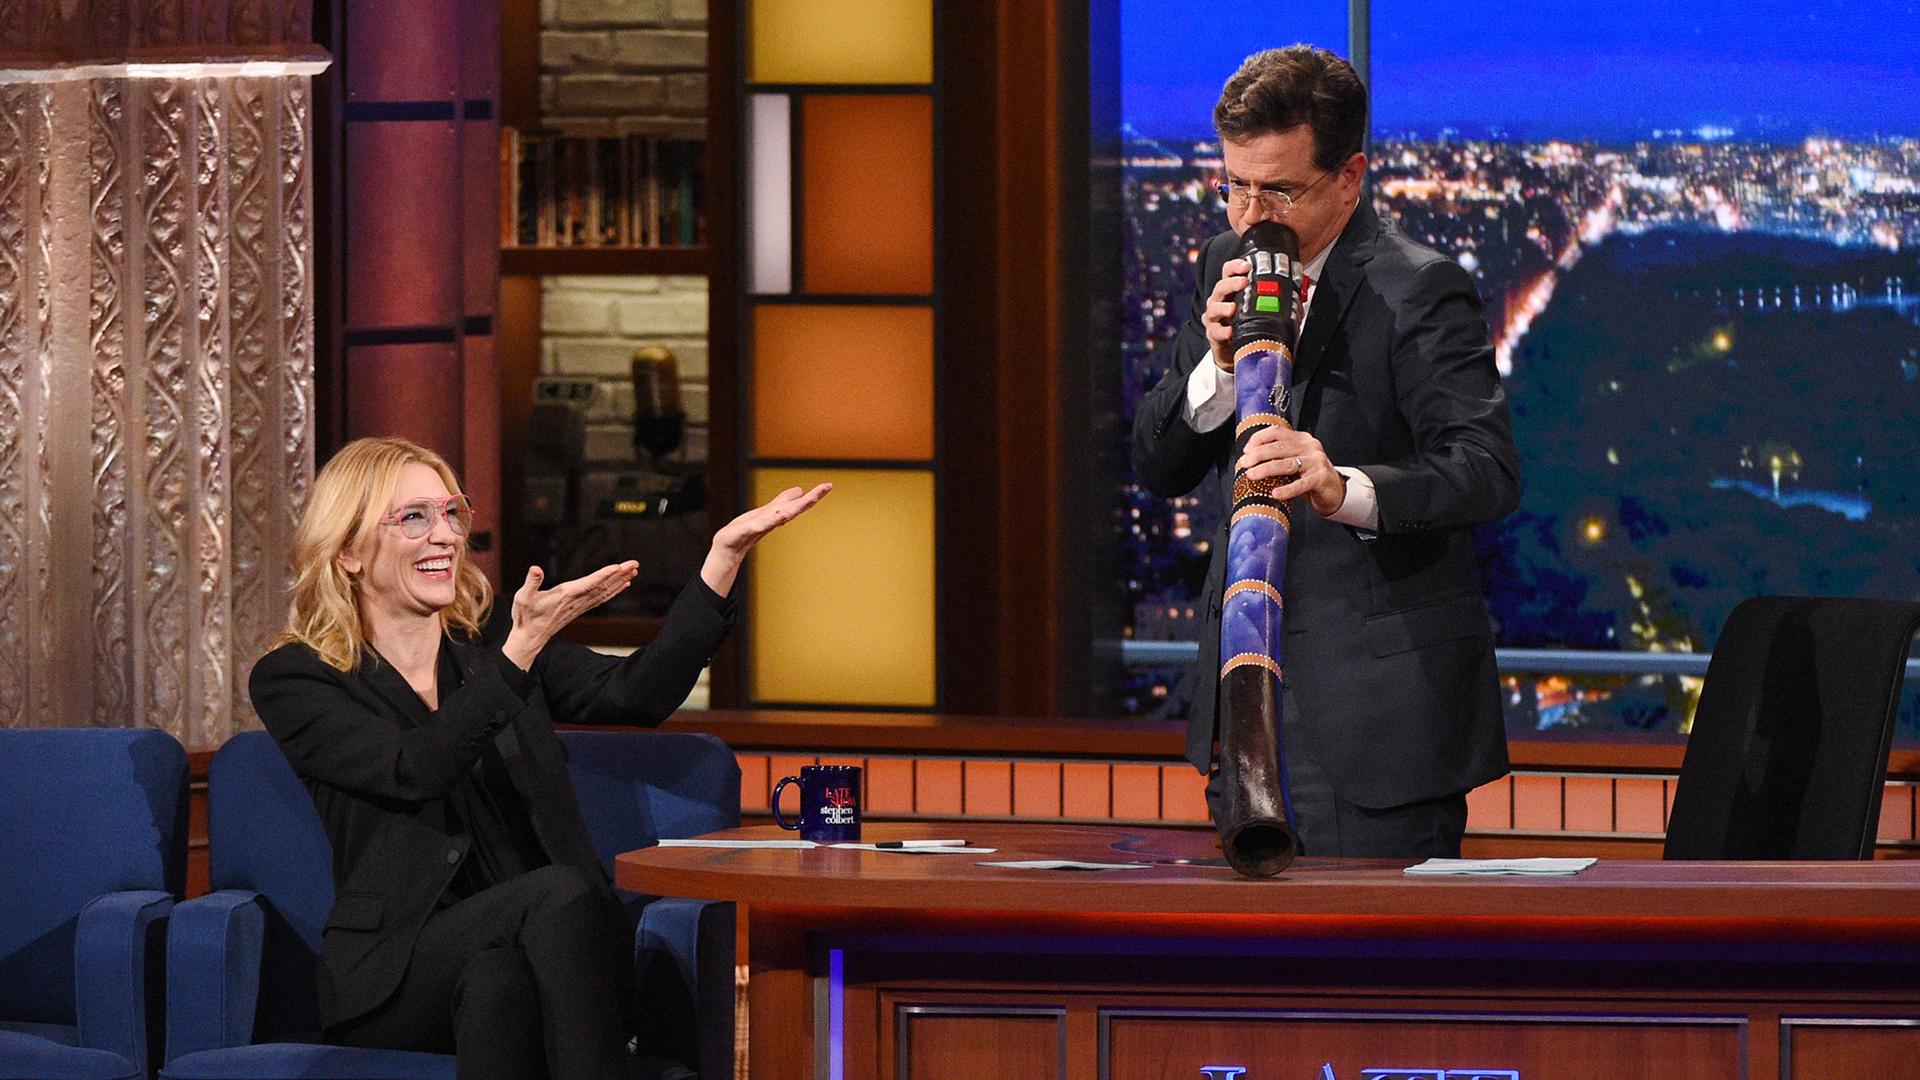 Cate Blanchett and Stephen Colbert